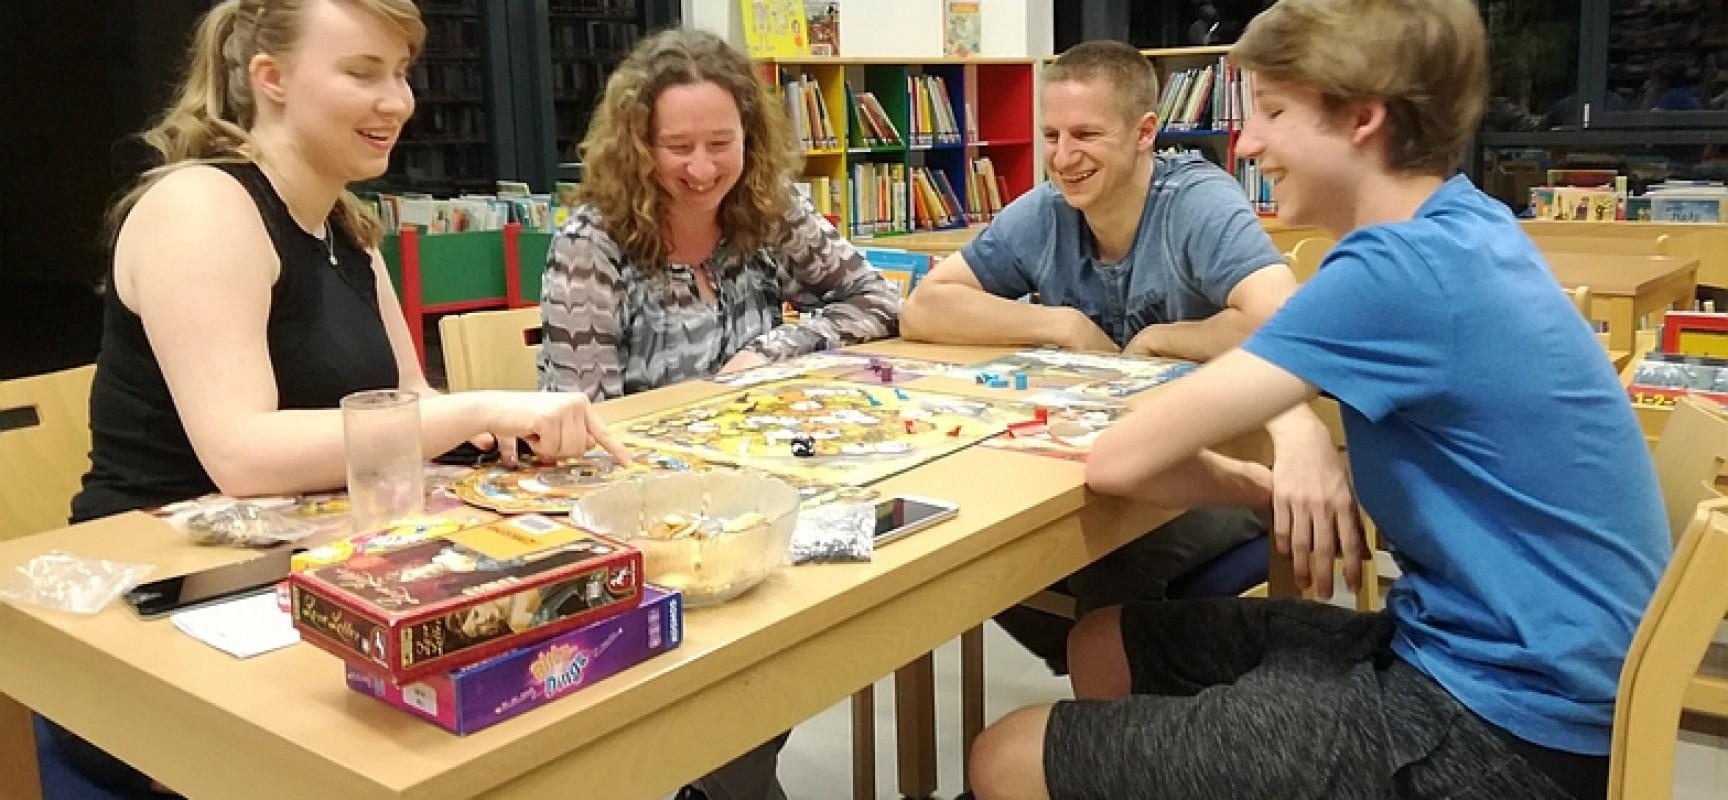 Spieleabend in der Bibliothek